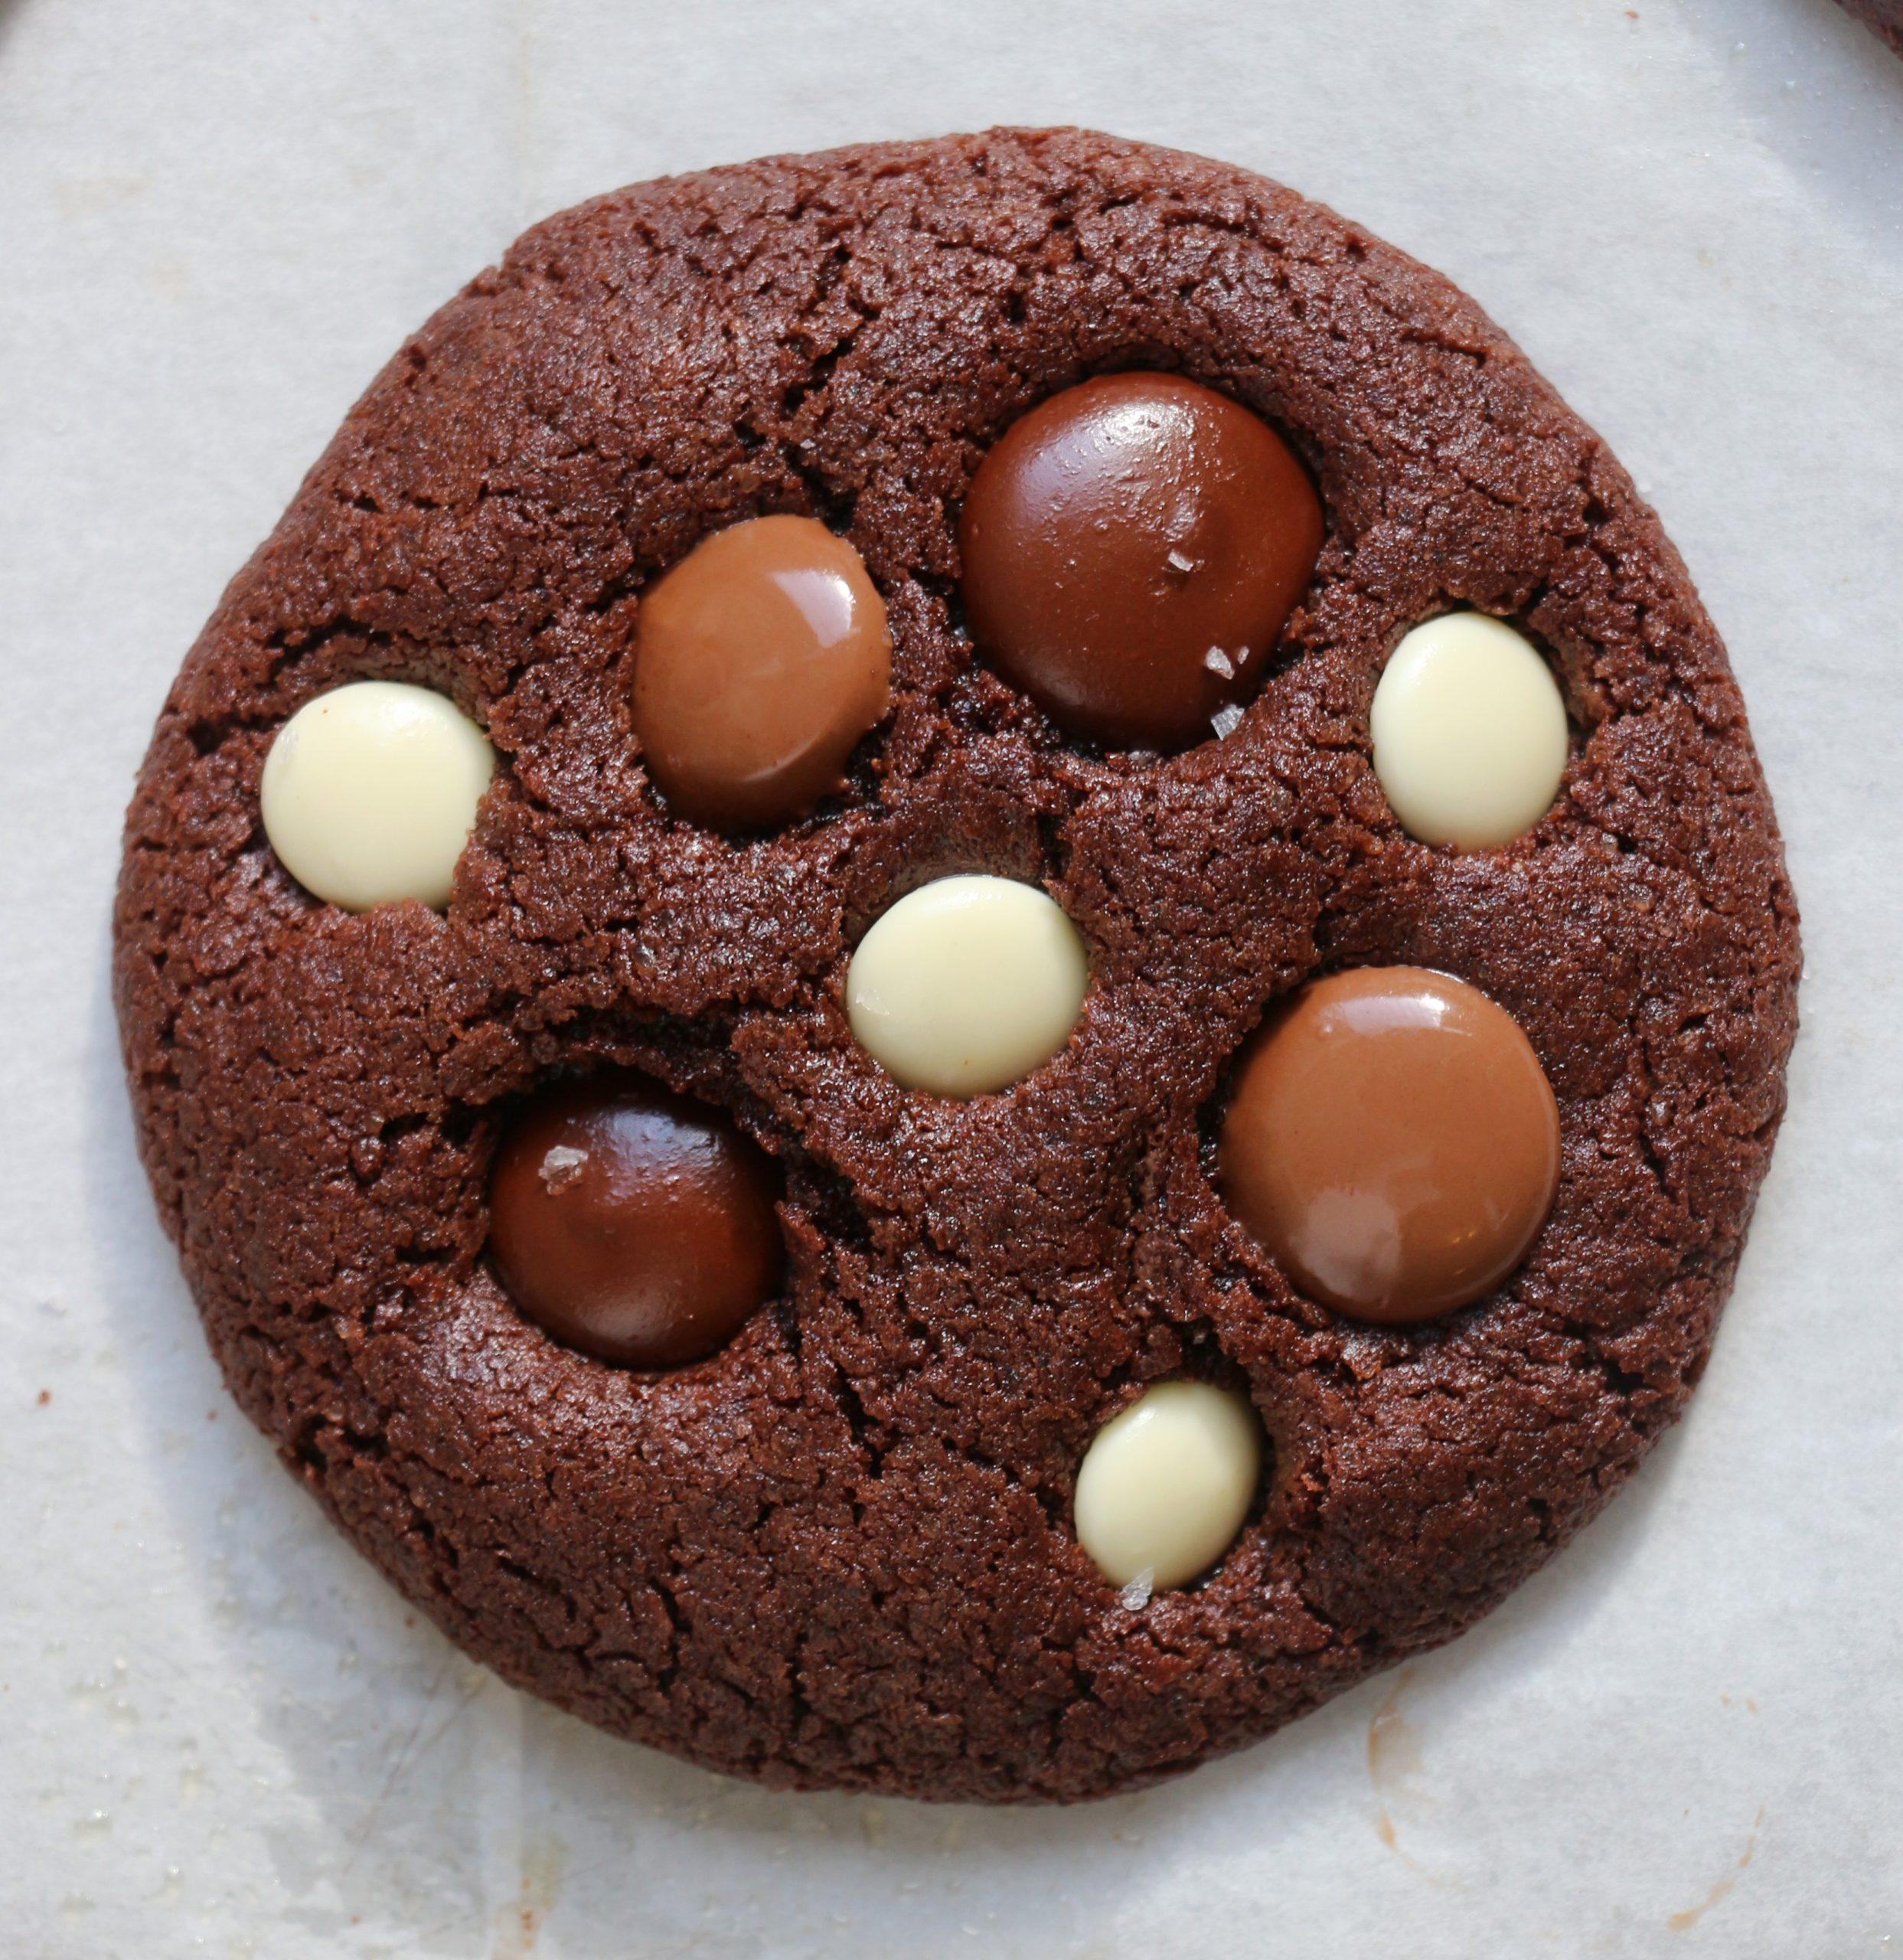 עוגיות טריפל שוקולד רכות